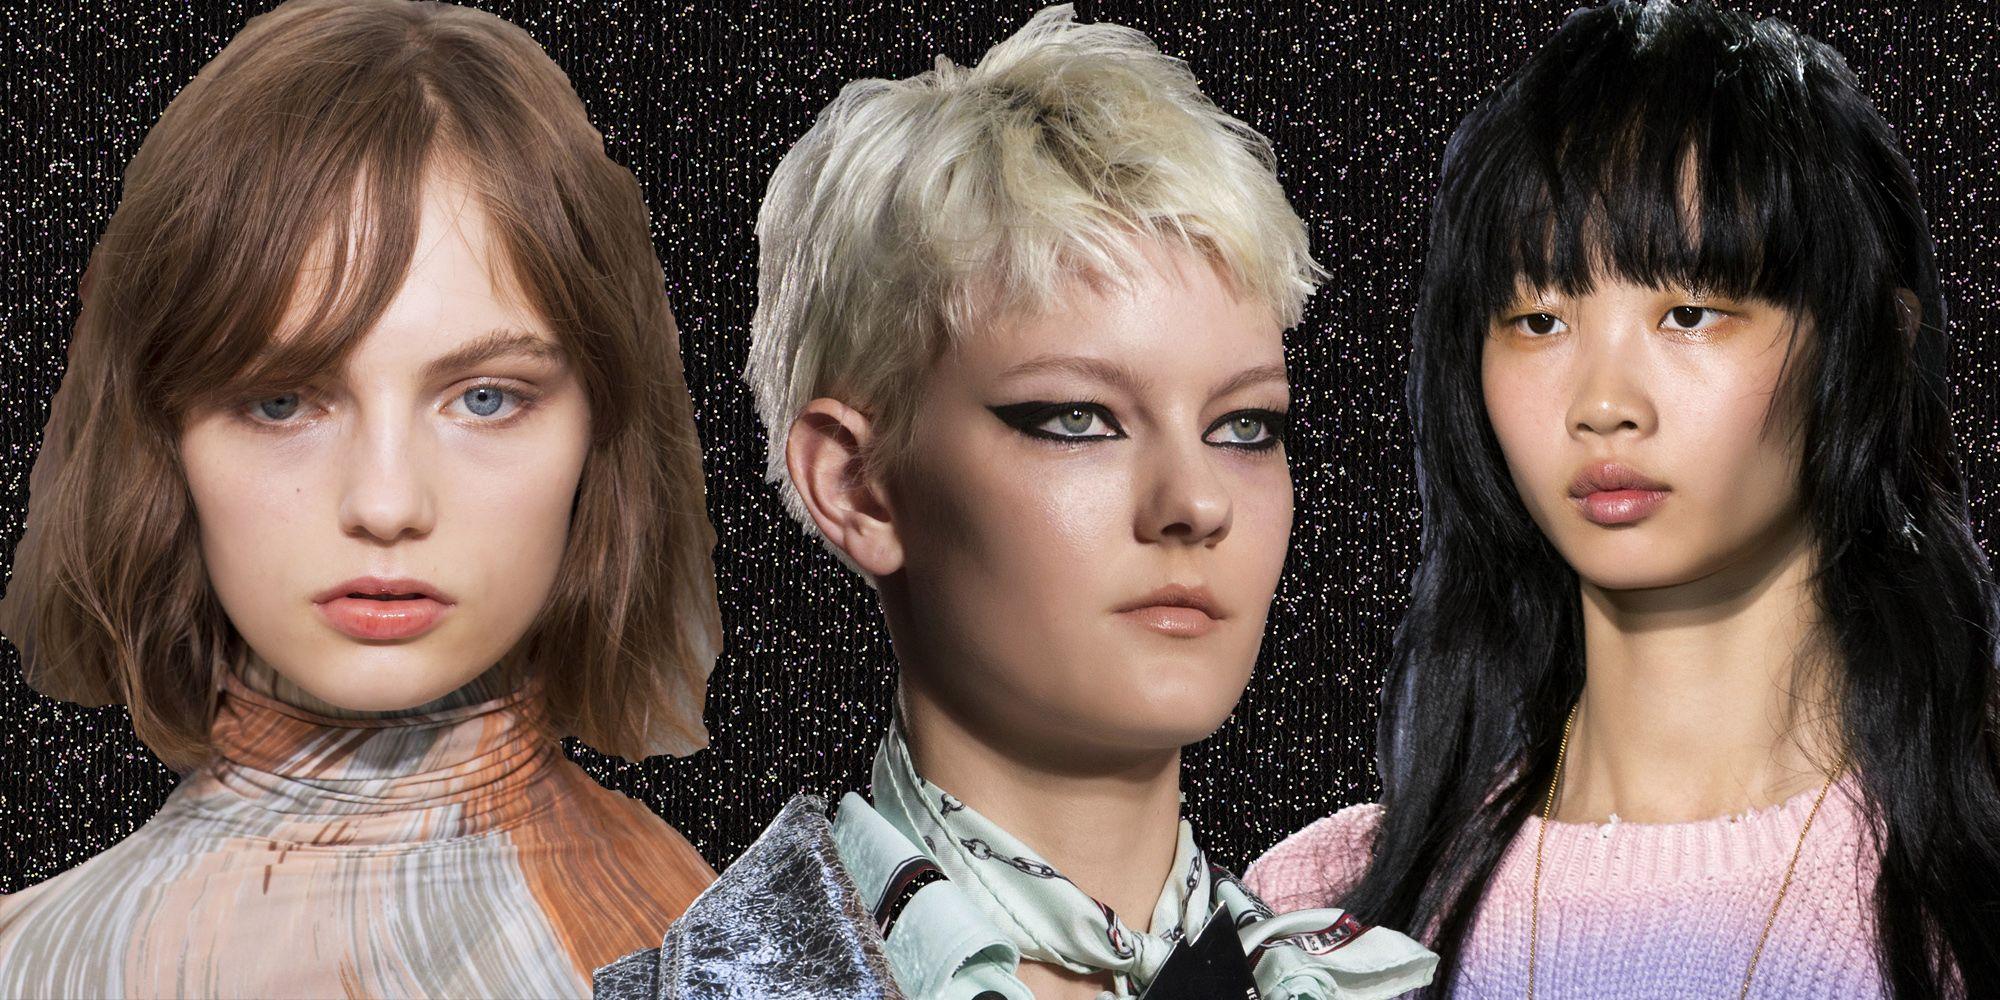 La moda capelli dellestate 2019 parla chiaro, non avere paura di giocare con le lunghezze